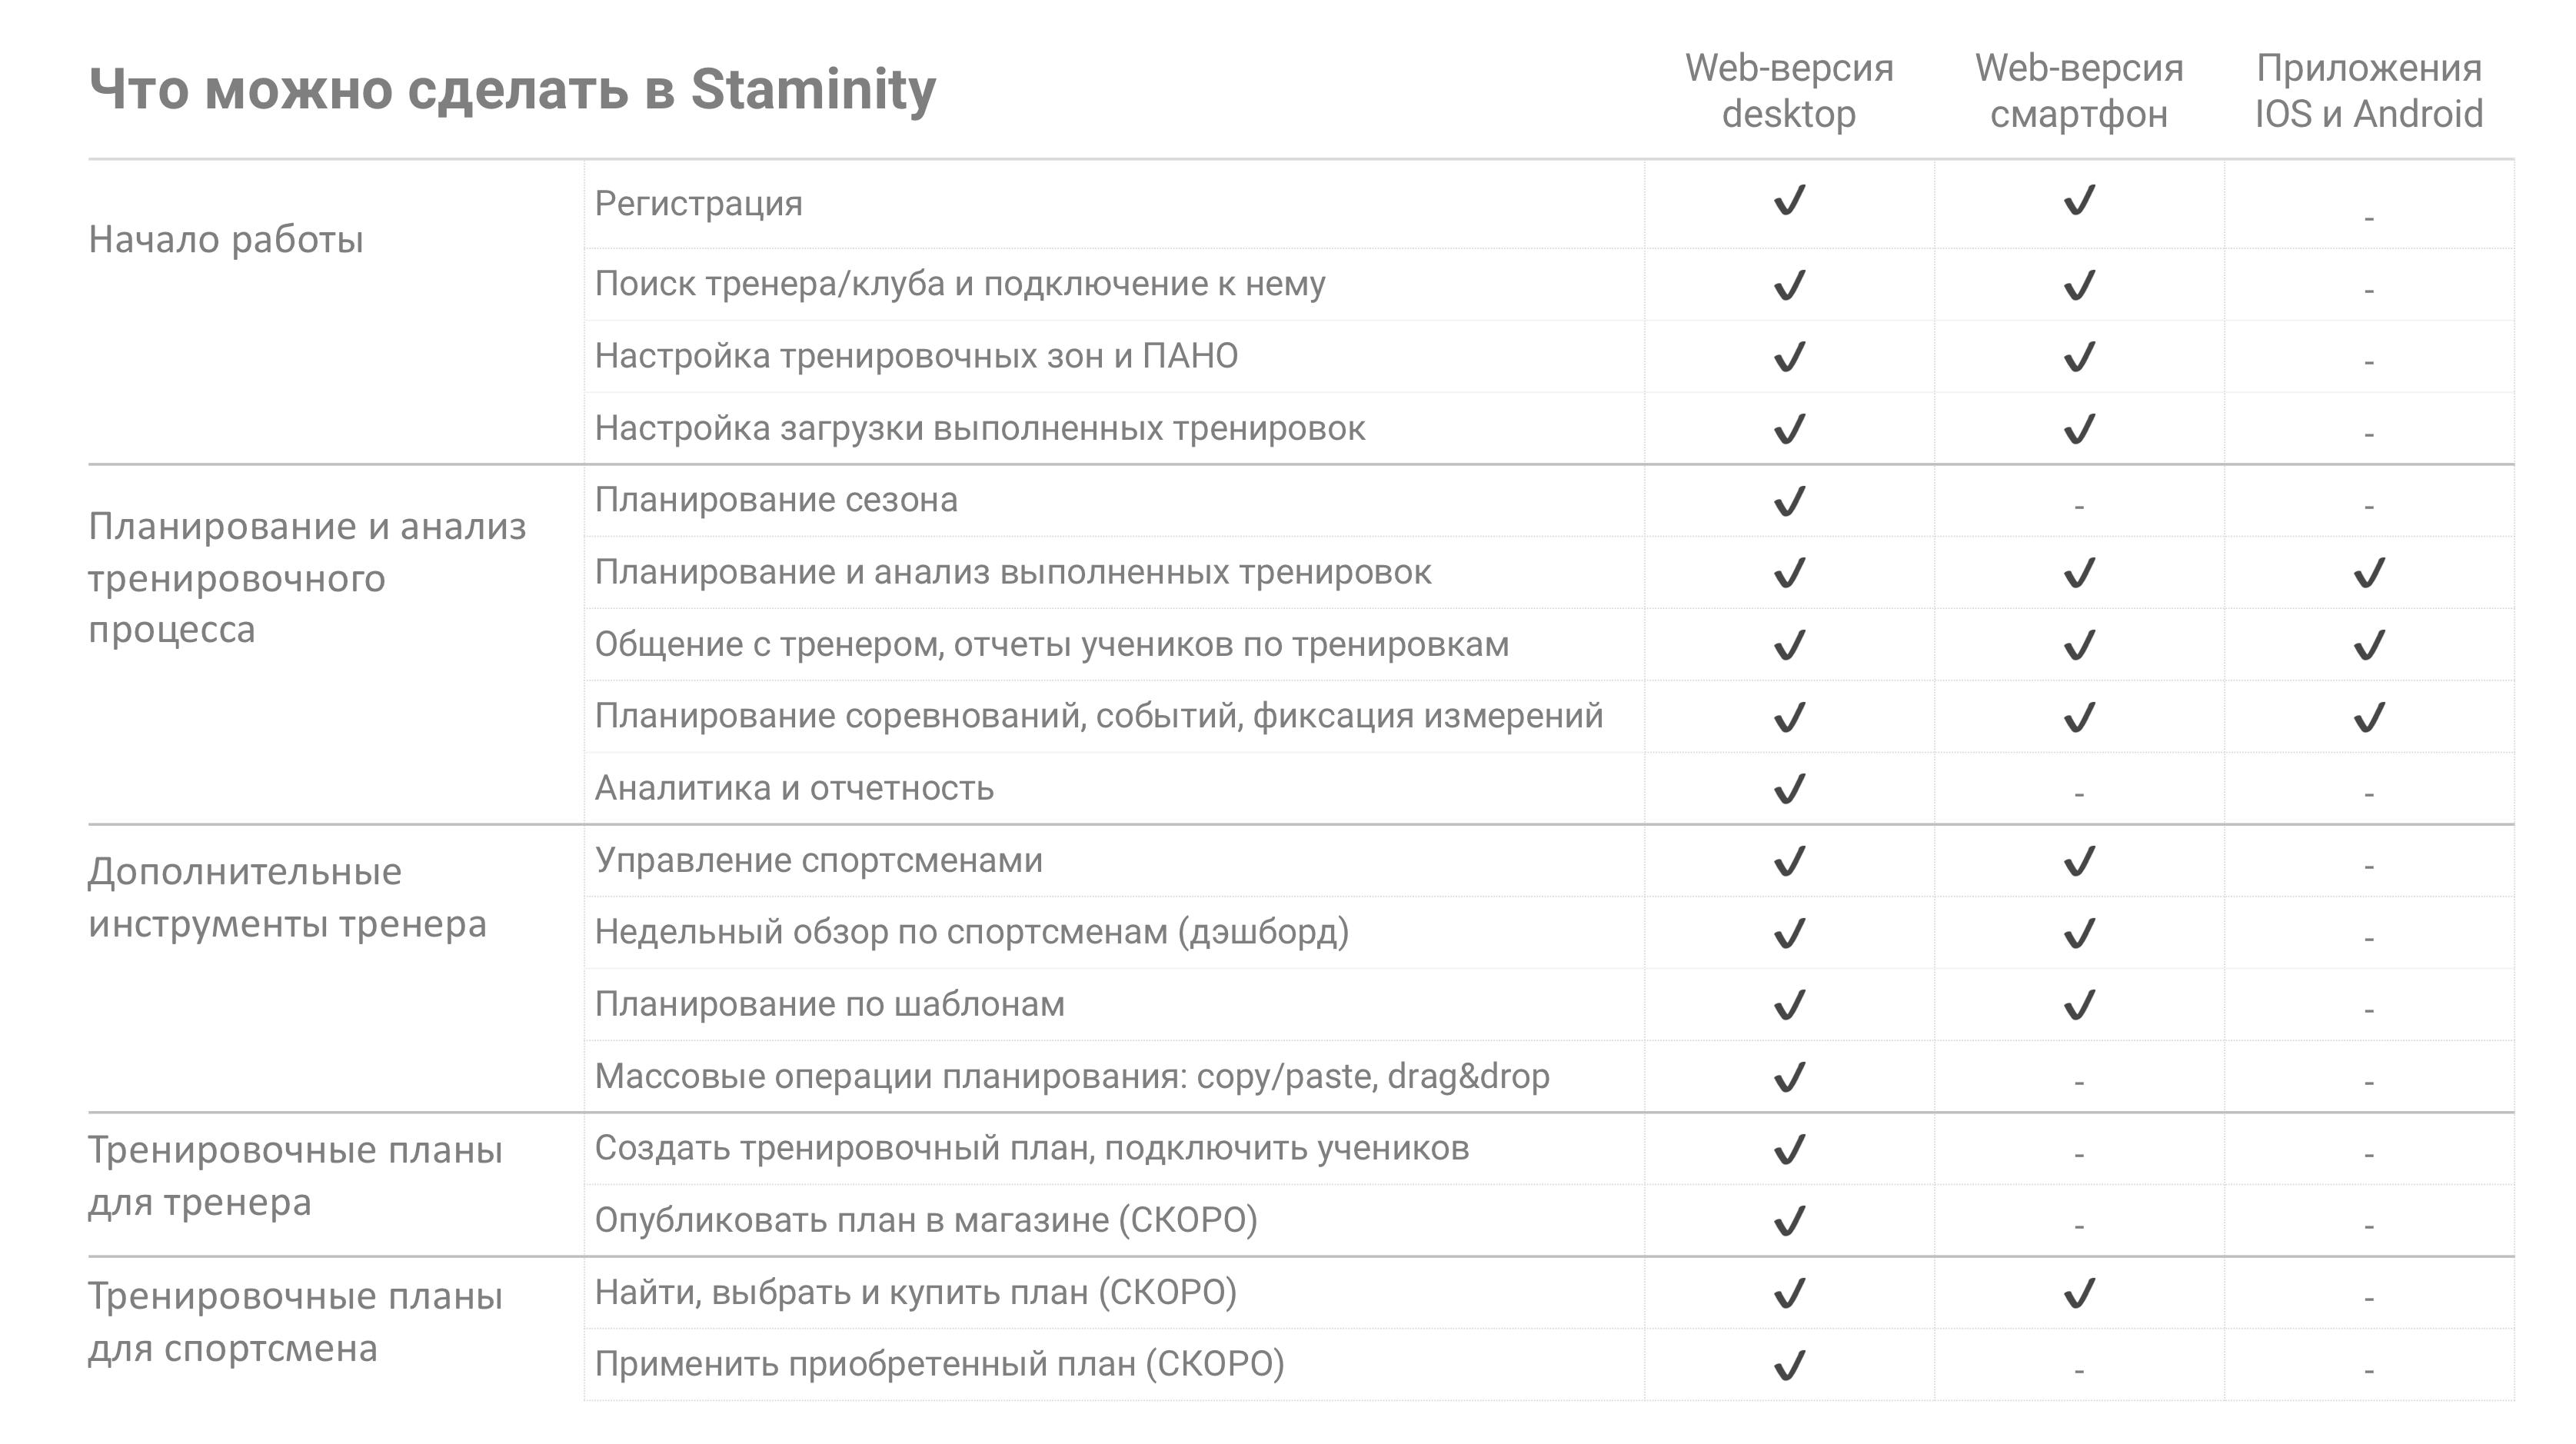 Сравнение возможностей Staminity для компьютера и для мобильных устройств